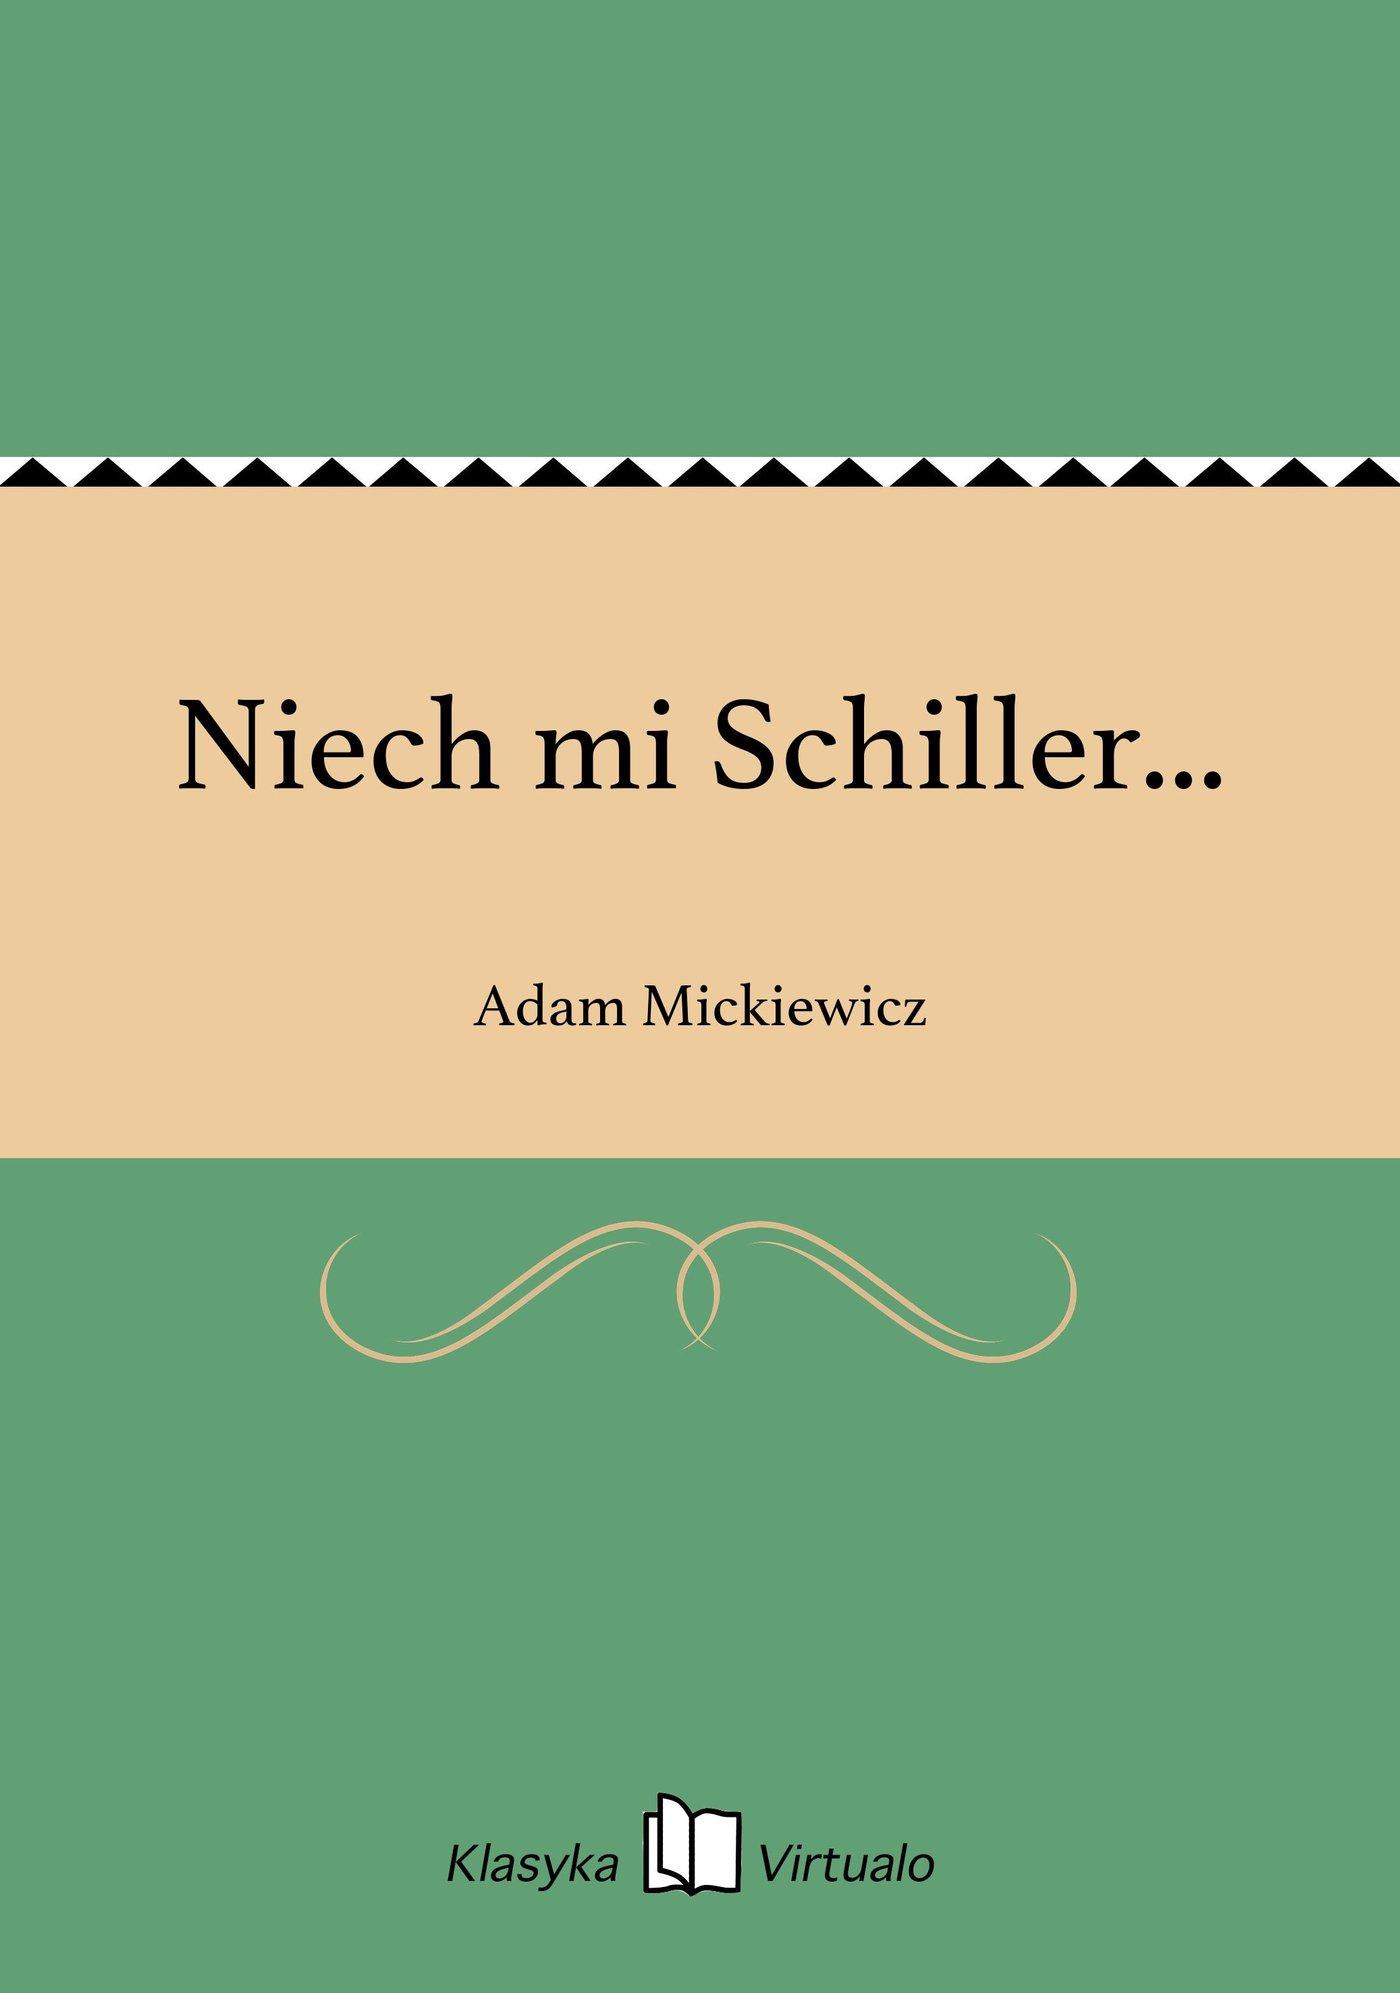 Niech mi Schiller... - Ebook (Książka na Kindle) do pobrania w formacie MOBI